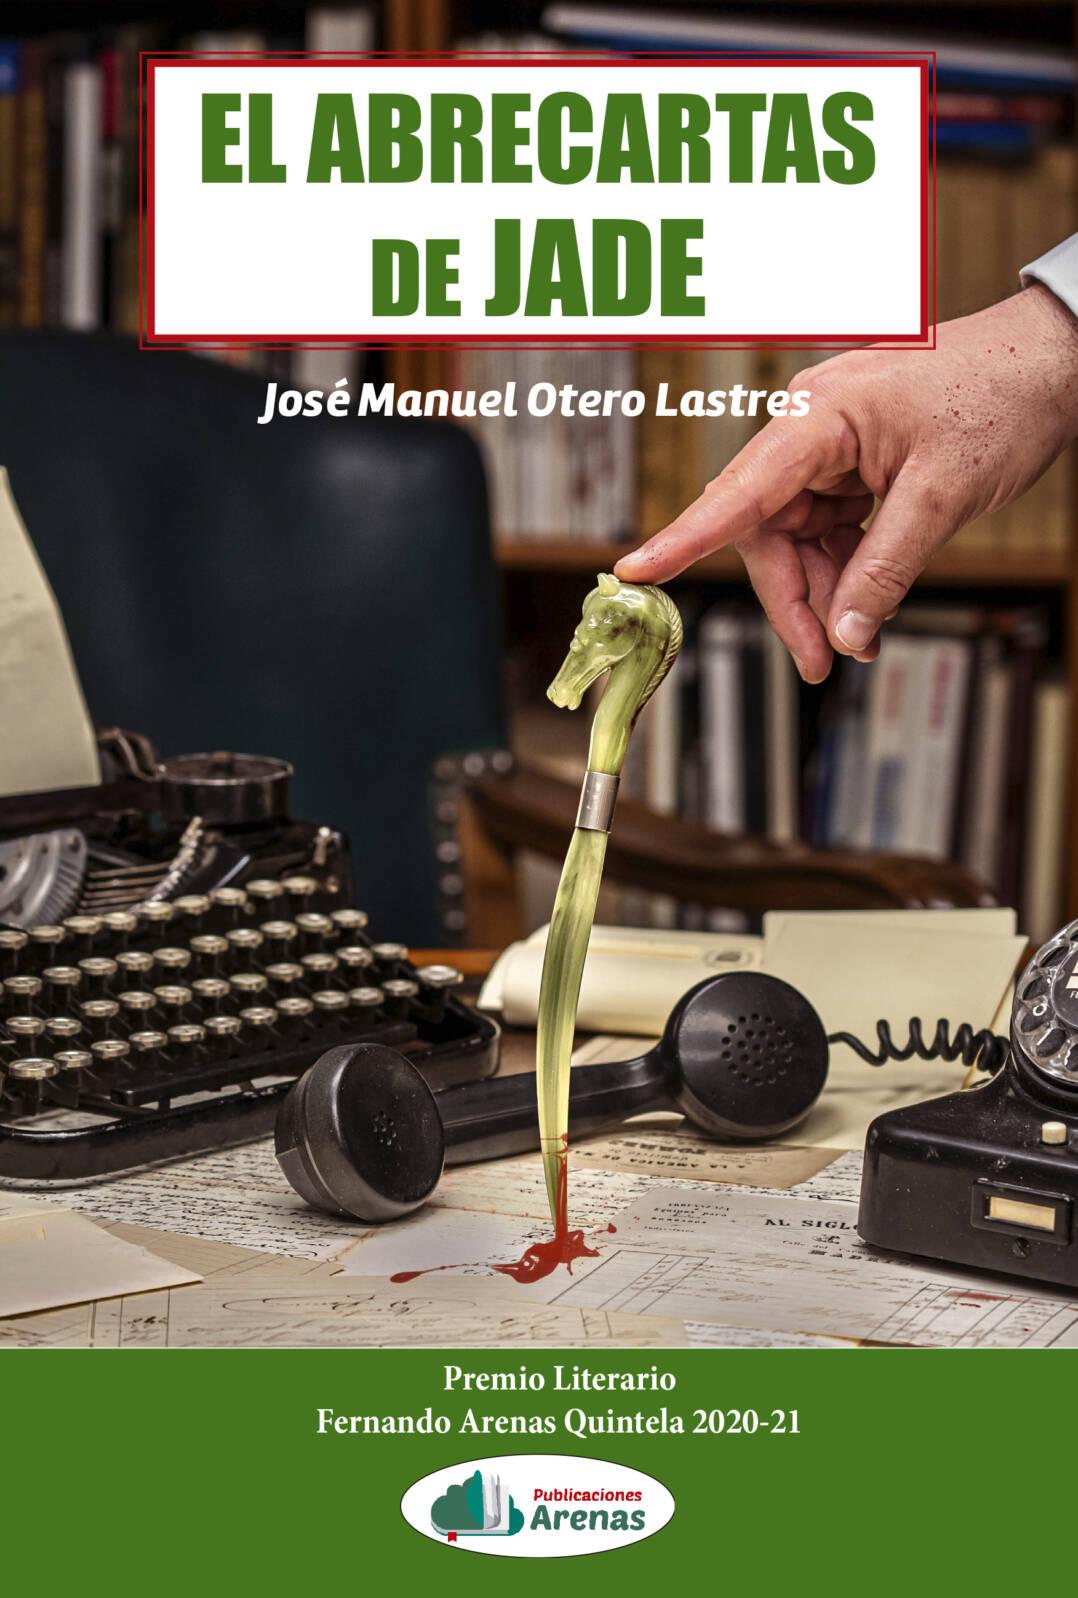 ABRECARTAS-DE-JADE-2-e1621641011683.jpg